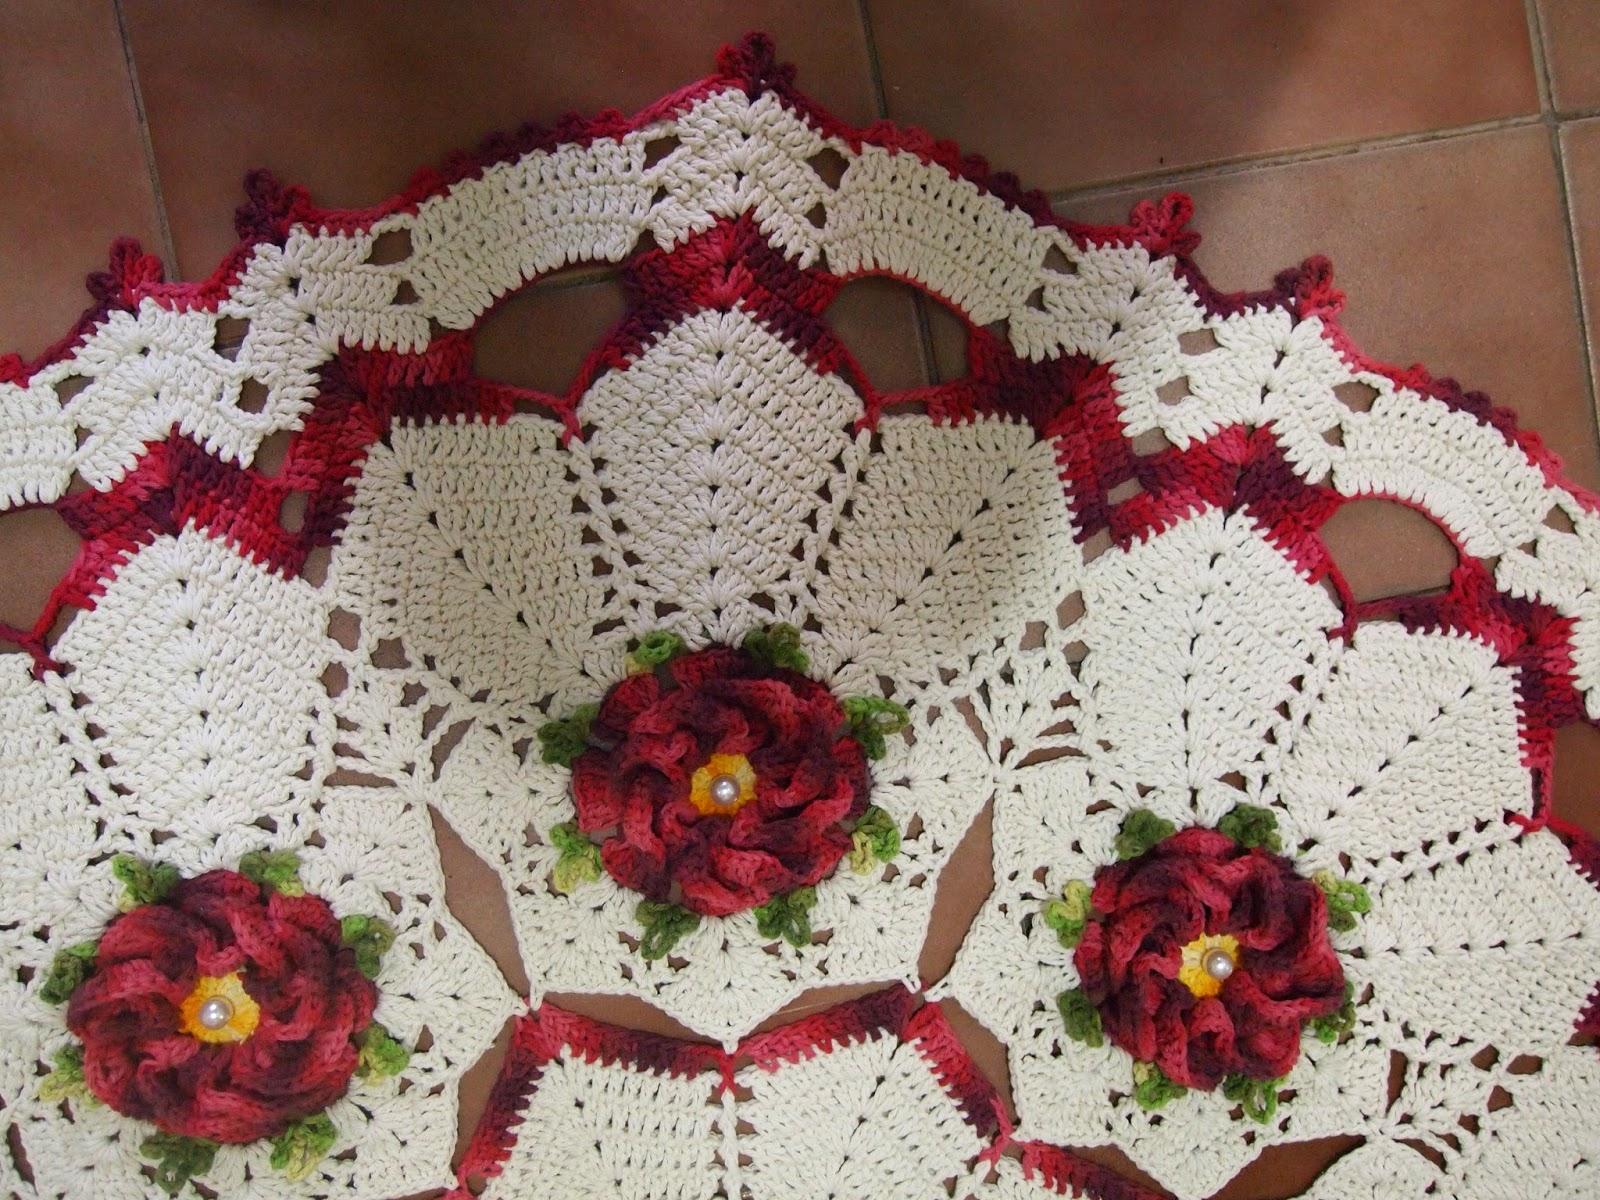 Tapete Redondo De Croche Passo A Passo Tapete Redondo De Croche  -> Tapete De Sala Barbante Passo A Passo